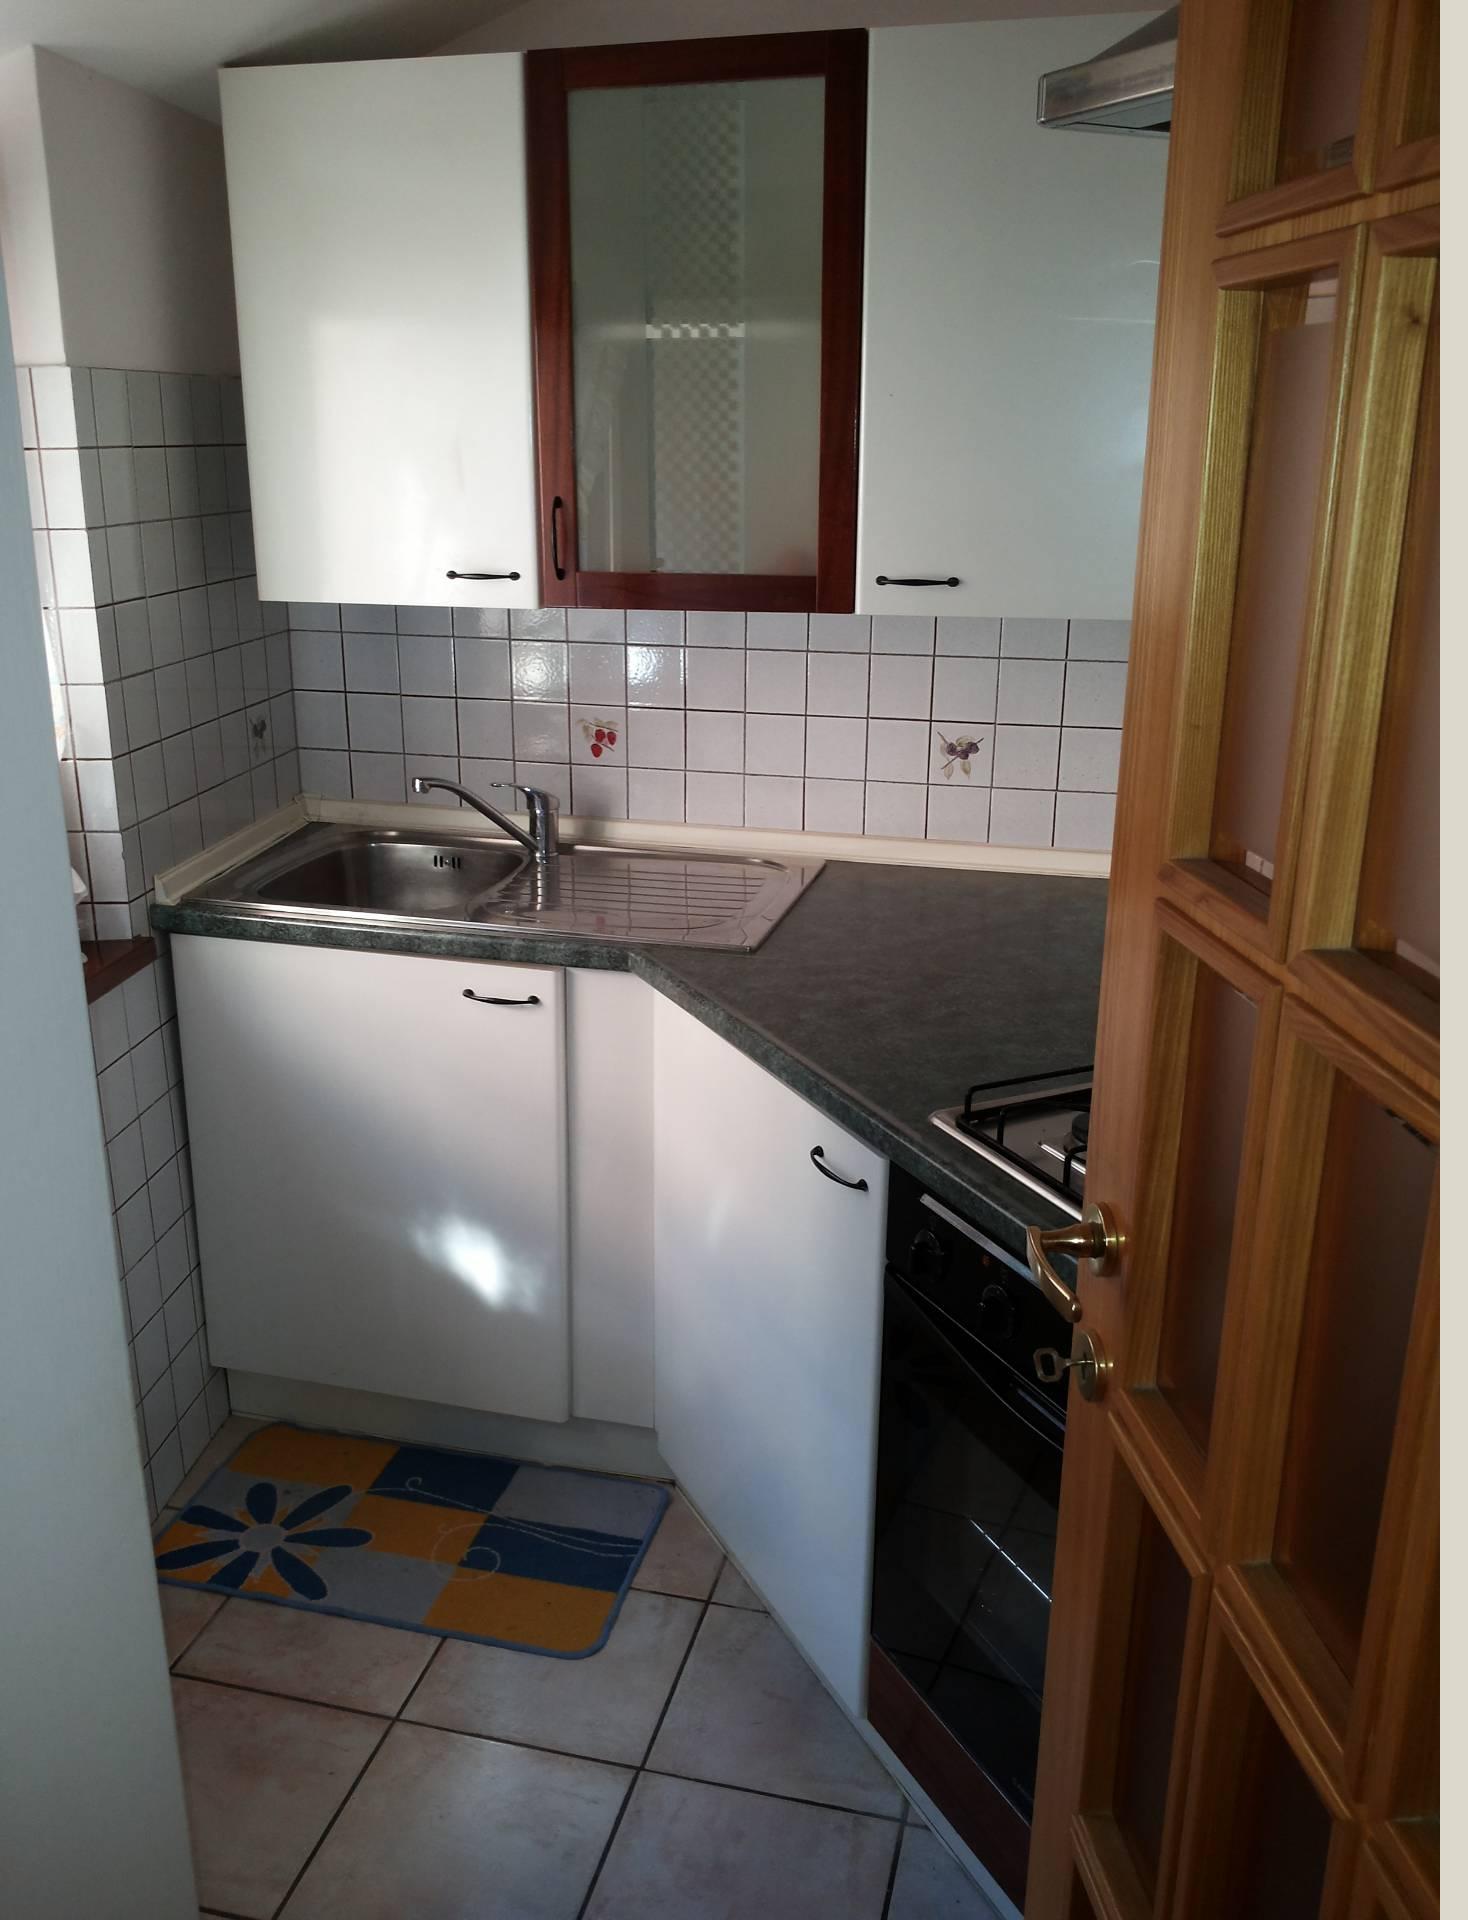 Appartamento in affitto a Macerata, 2 locali, zona Località: Centrostorico, prezzo € 400 | Cambio Casa.it